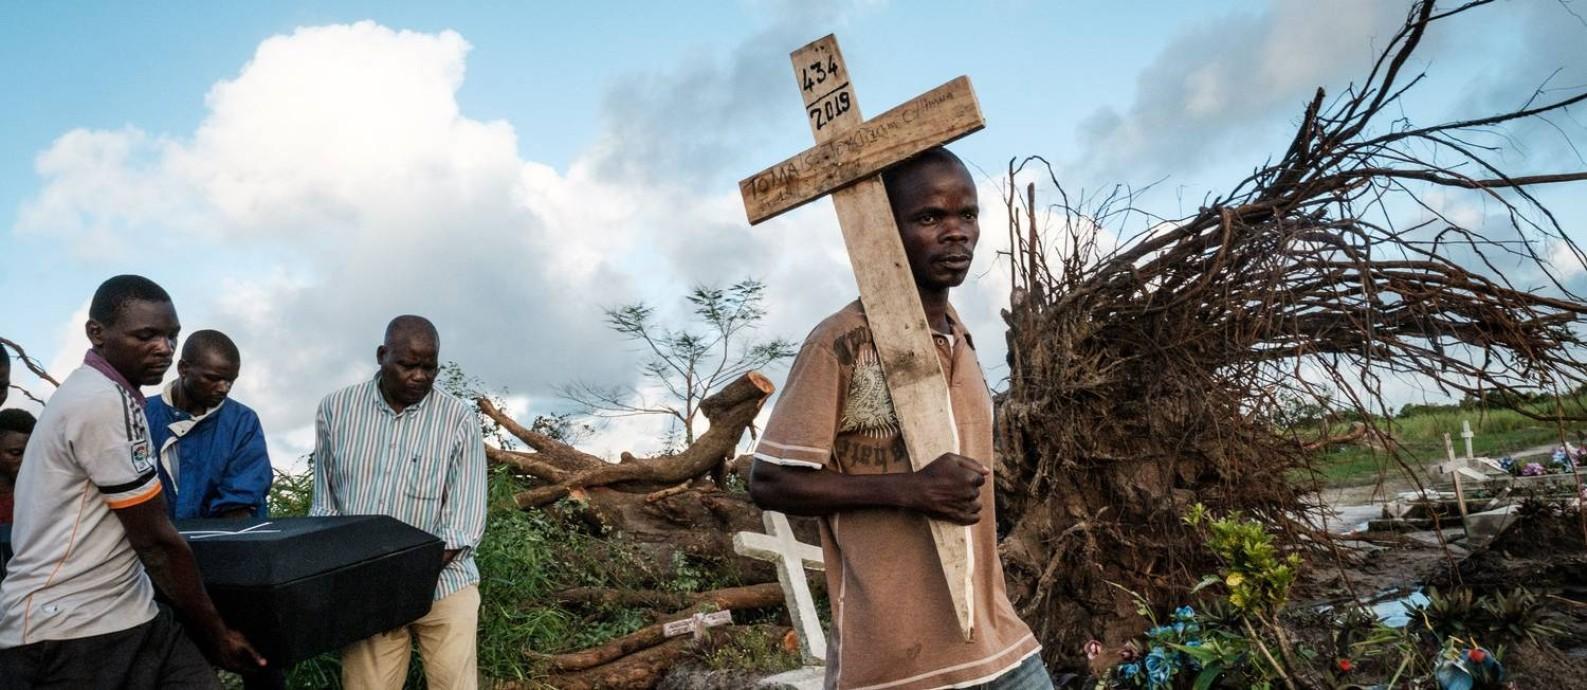 Pessoas levam corpos para serem enterrados em Beira, Moçambique, após passagem do ciclone Foto: YASUYOSHI CHIBA / AFP